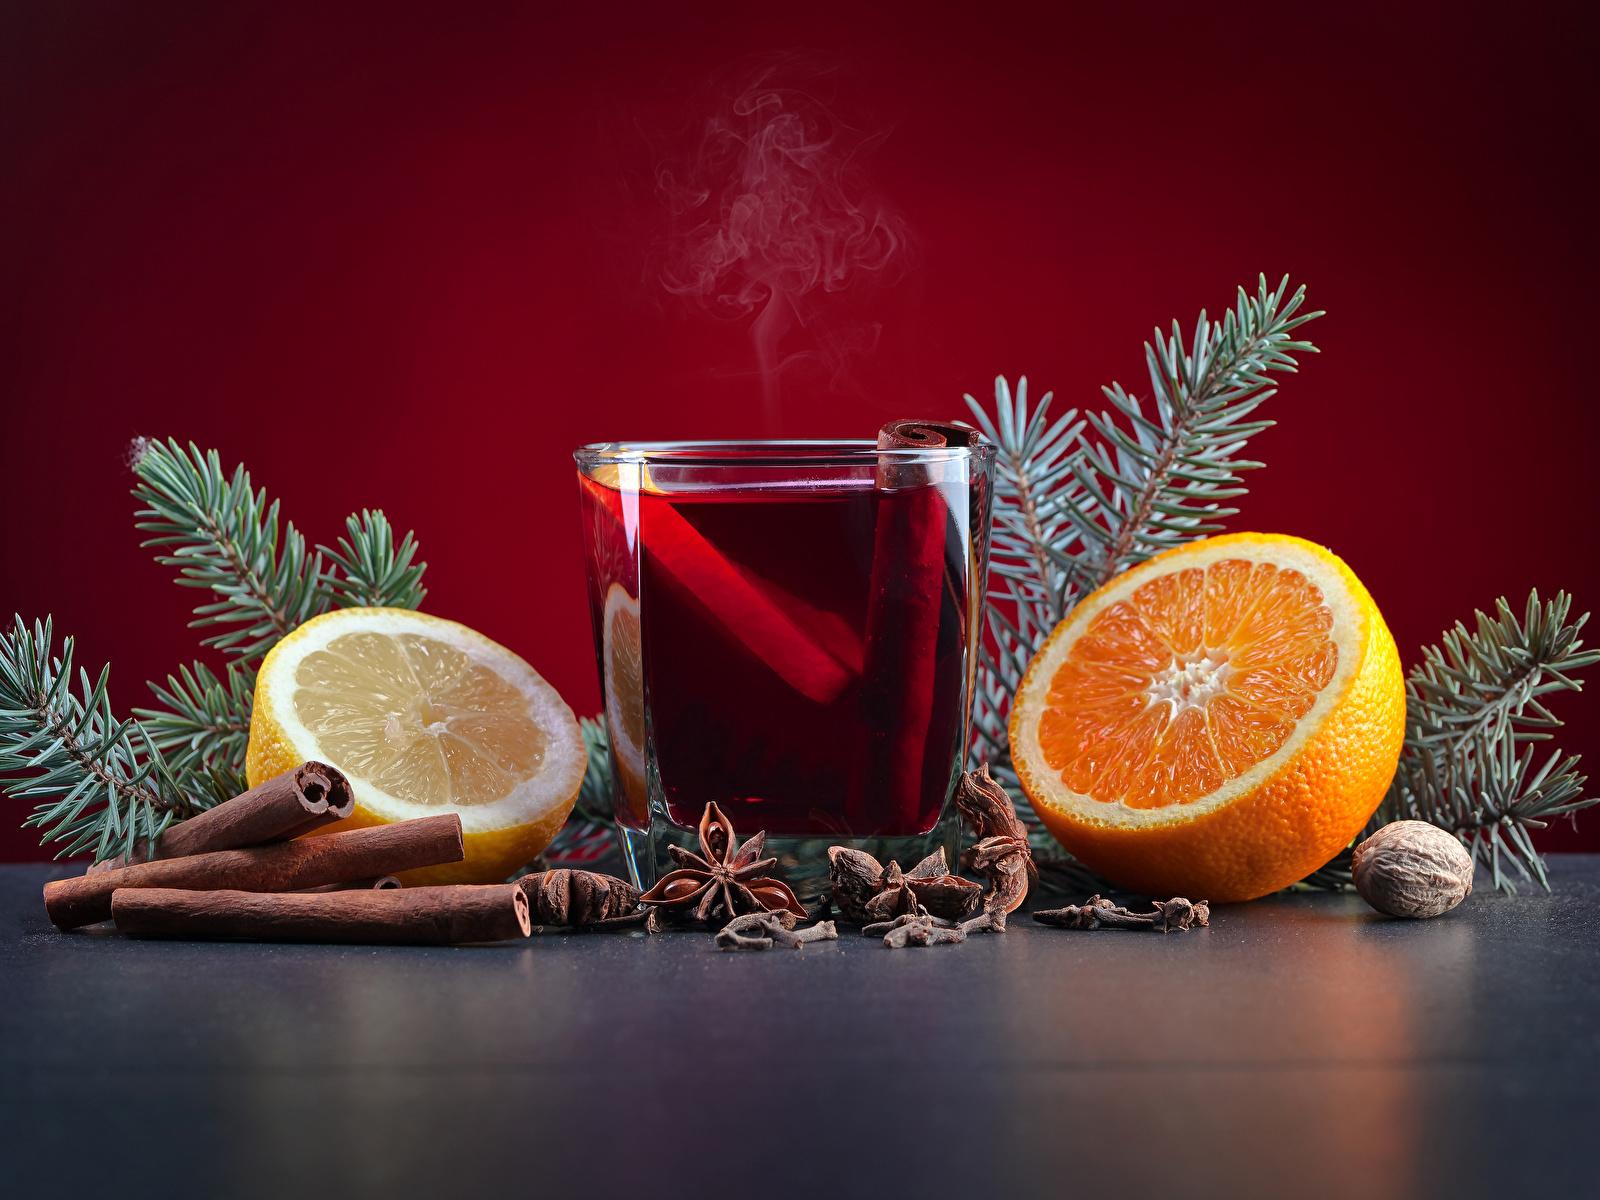 Картинка Новый год Апельсин Бадьян звезда аниса Стакан Лимоны Корица Пища Орехи Напитки 1600x1200 Рождество стакана стакане Еда Продукты питания напиток